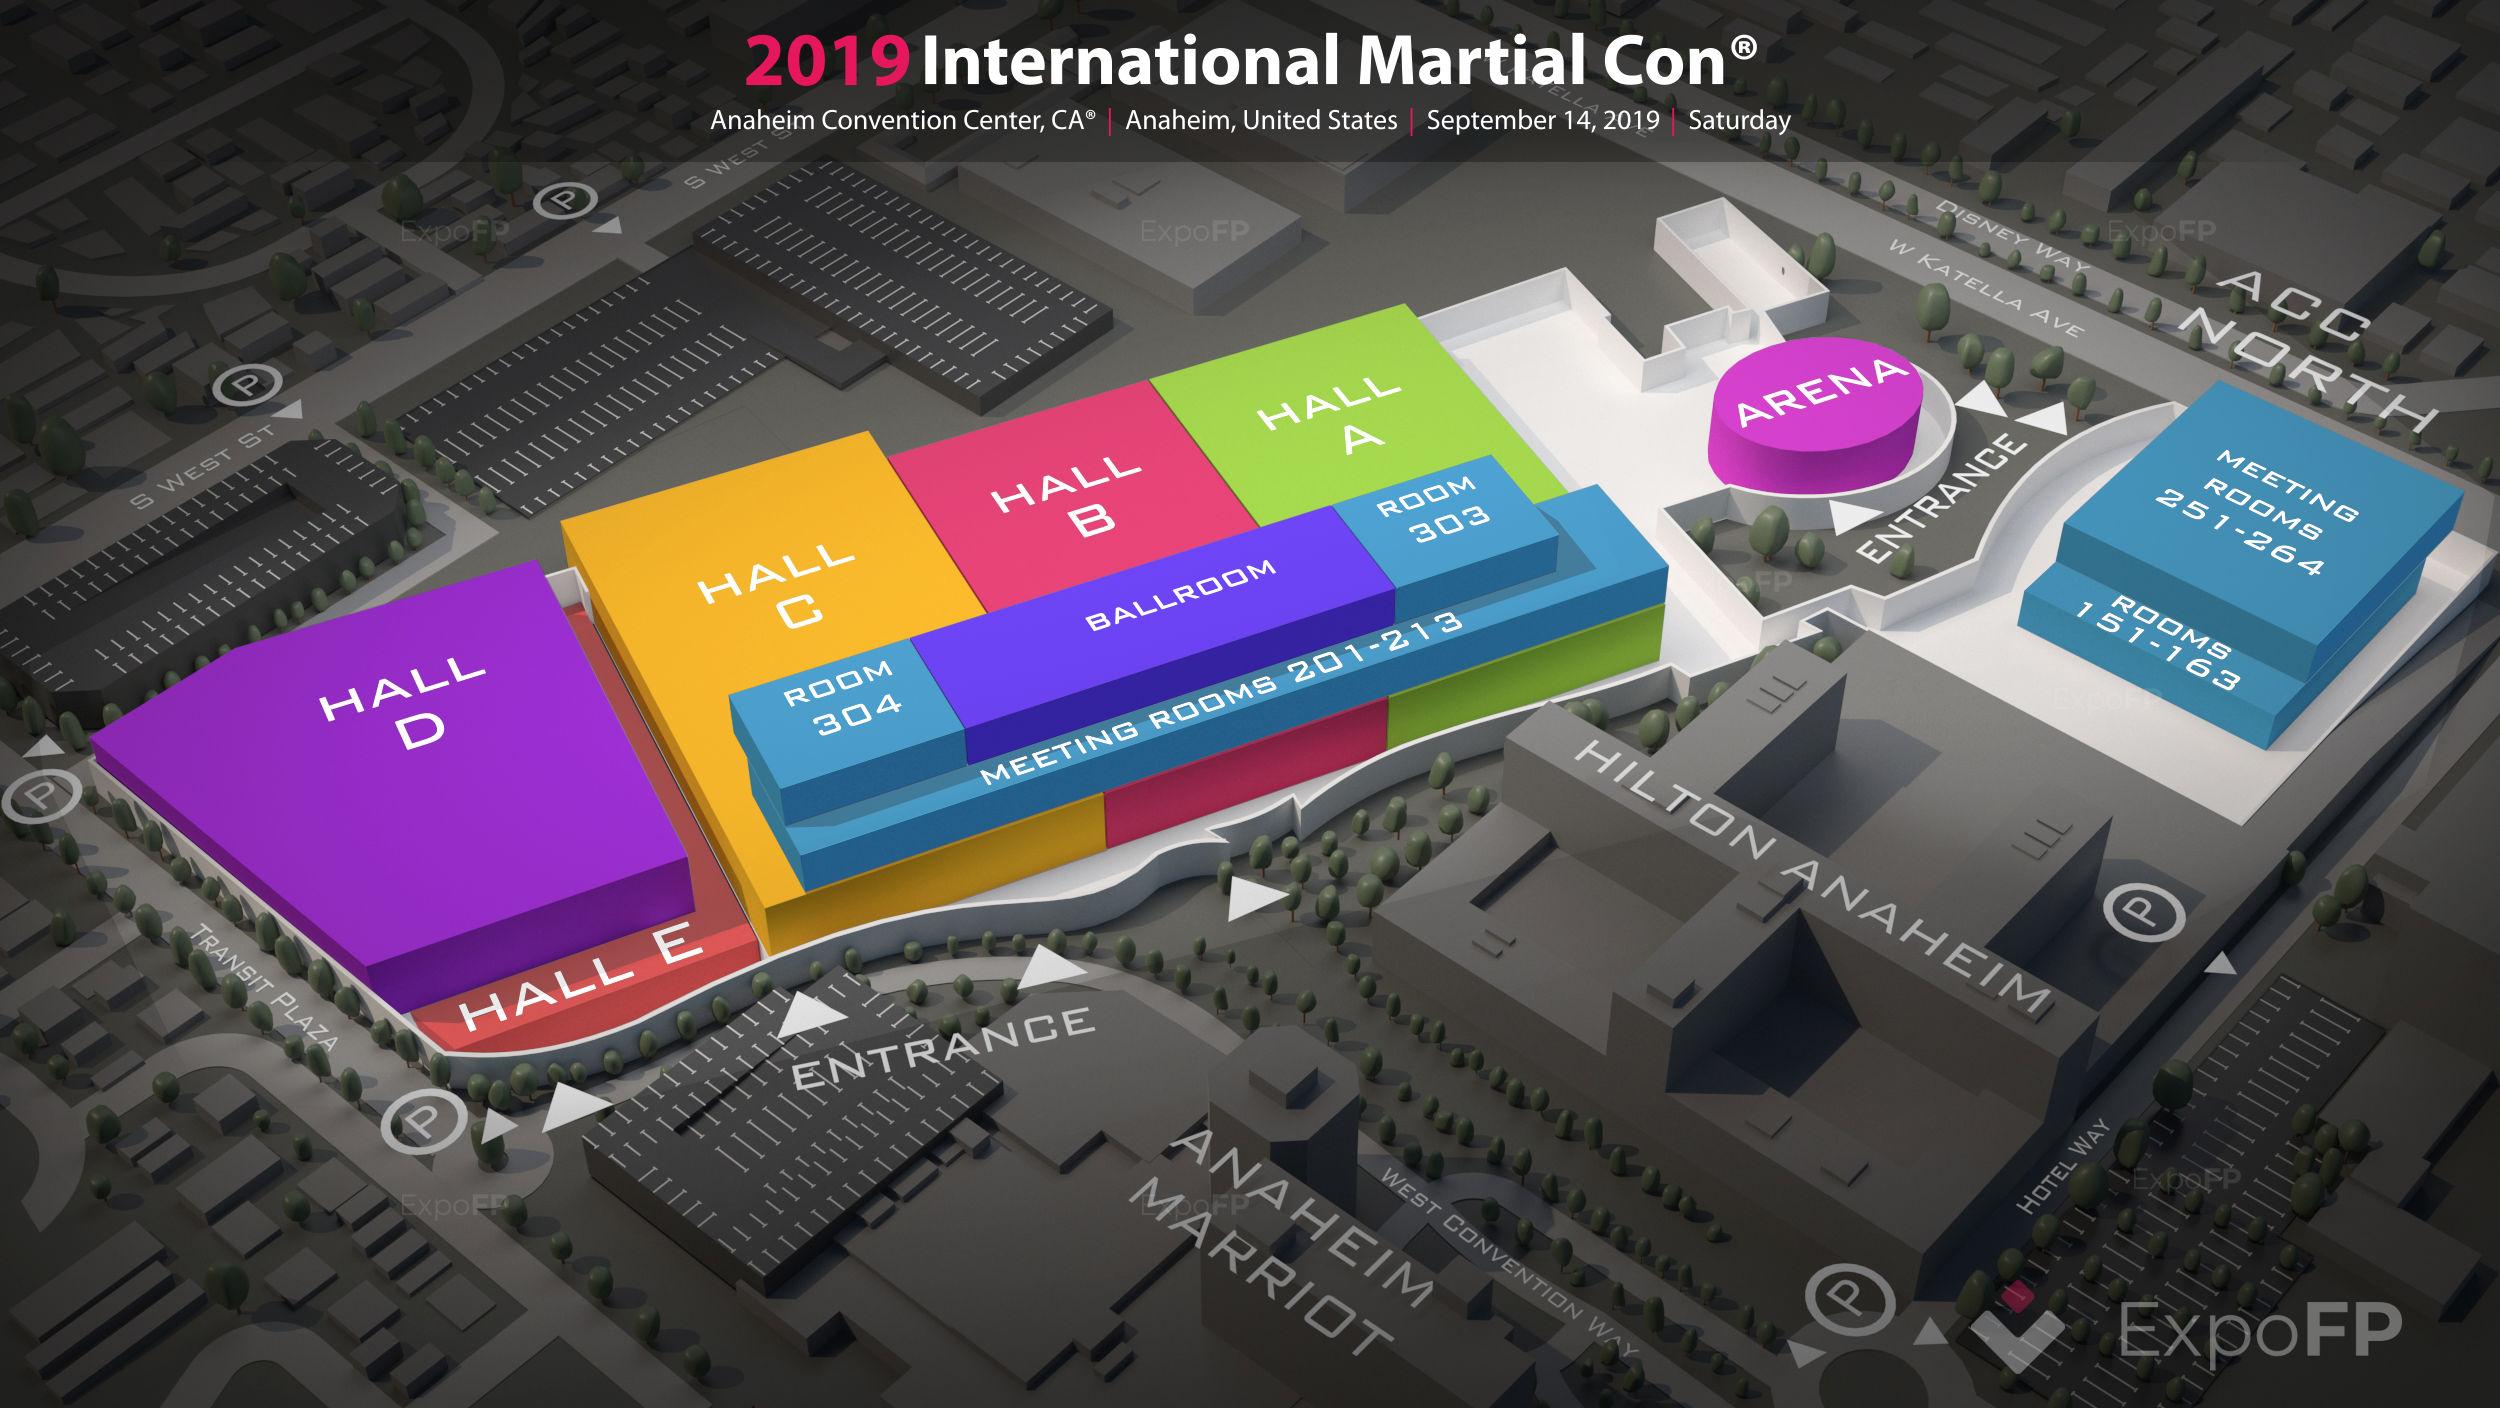 International Martial Con 2019 in Anaheim Convention Center